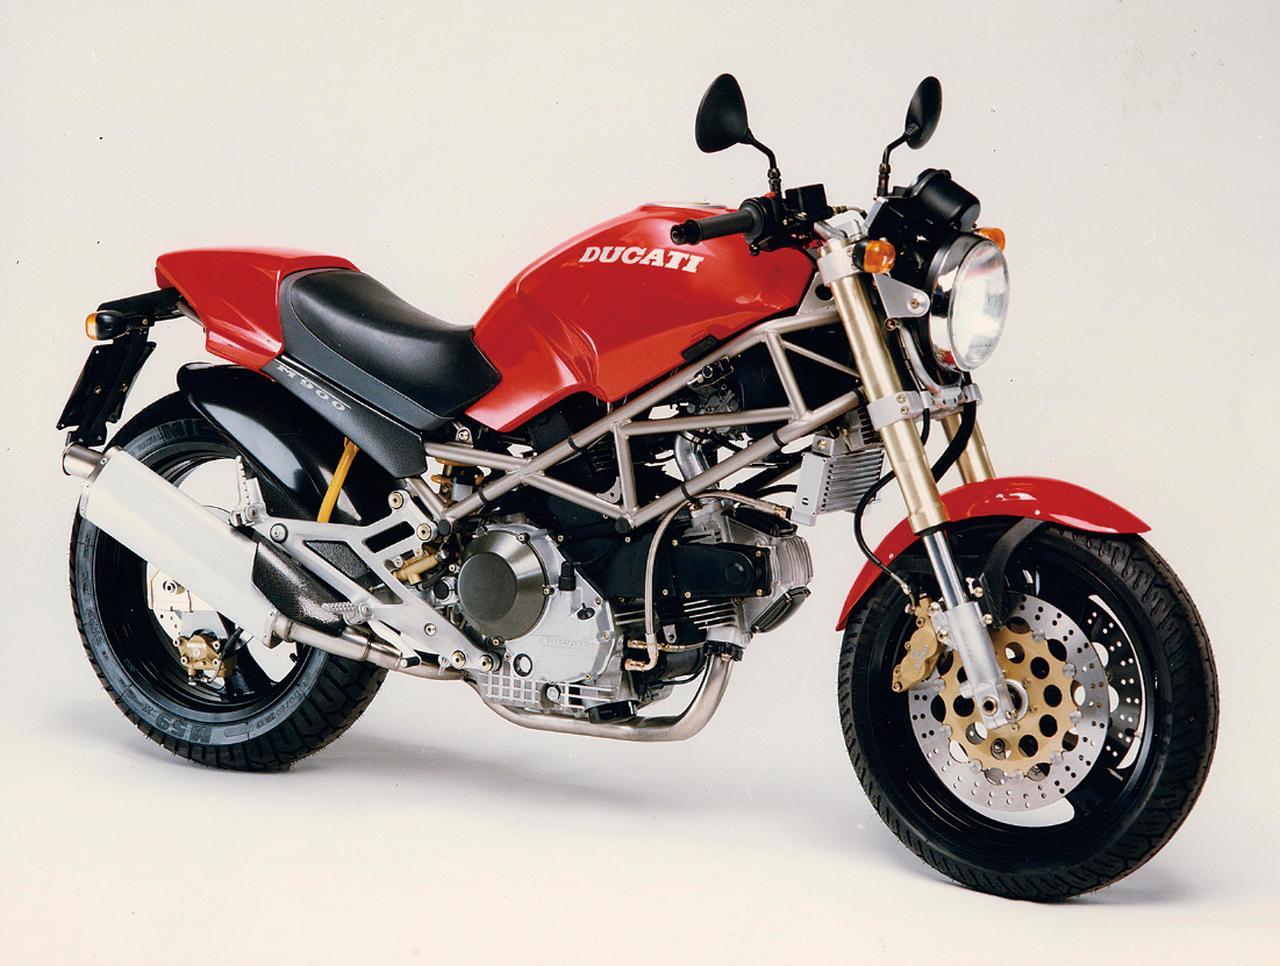 画像: Ducati Monster 900(1993) 1992 年のケルンショーで発表されたモンスター900。それまで見たことのない美しいスタイルで、ネイキッドカテゴリーに革命をもたらし、累計で13 万台以上が販売されるほどの人気シリーズに。写真は初期型である1993 年モデル。